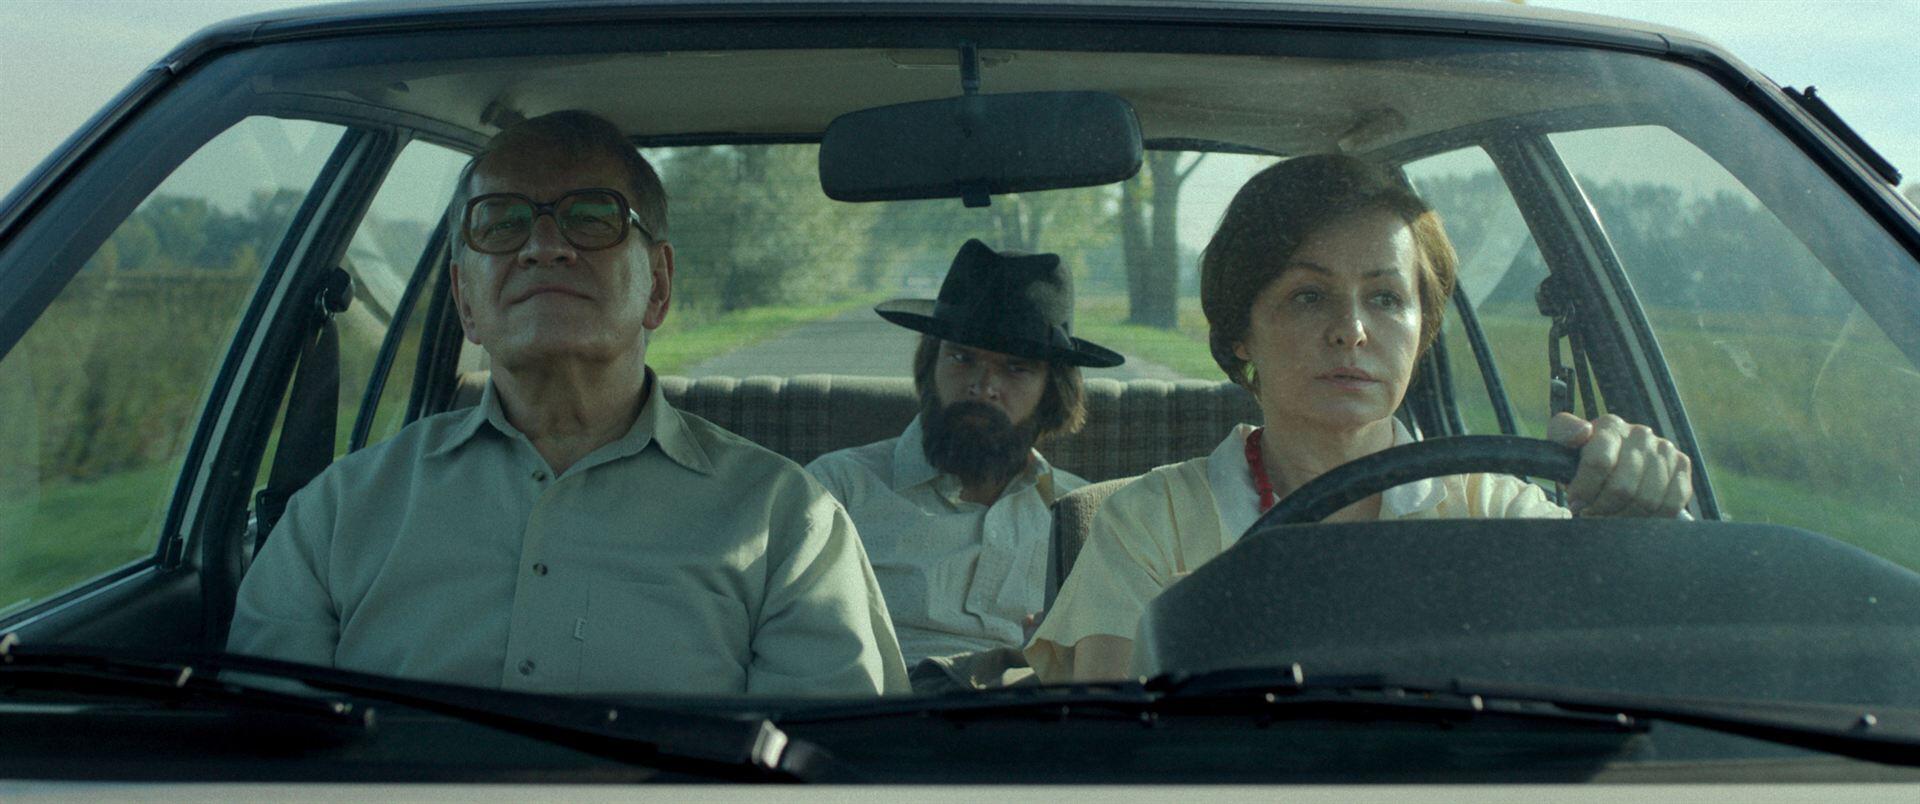 Andrzej Seweryn (à. g.), Dawid Ogrodnik et Aleksandra Konieczna dans « The Last Family », de Jan P. Matuszynski.